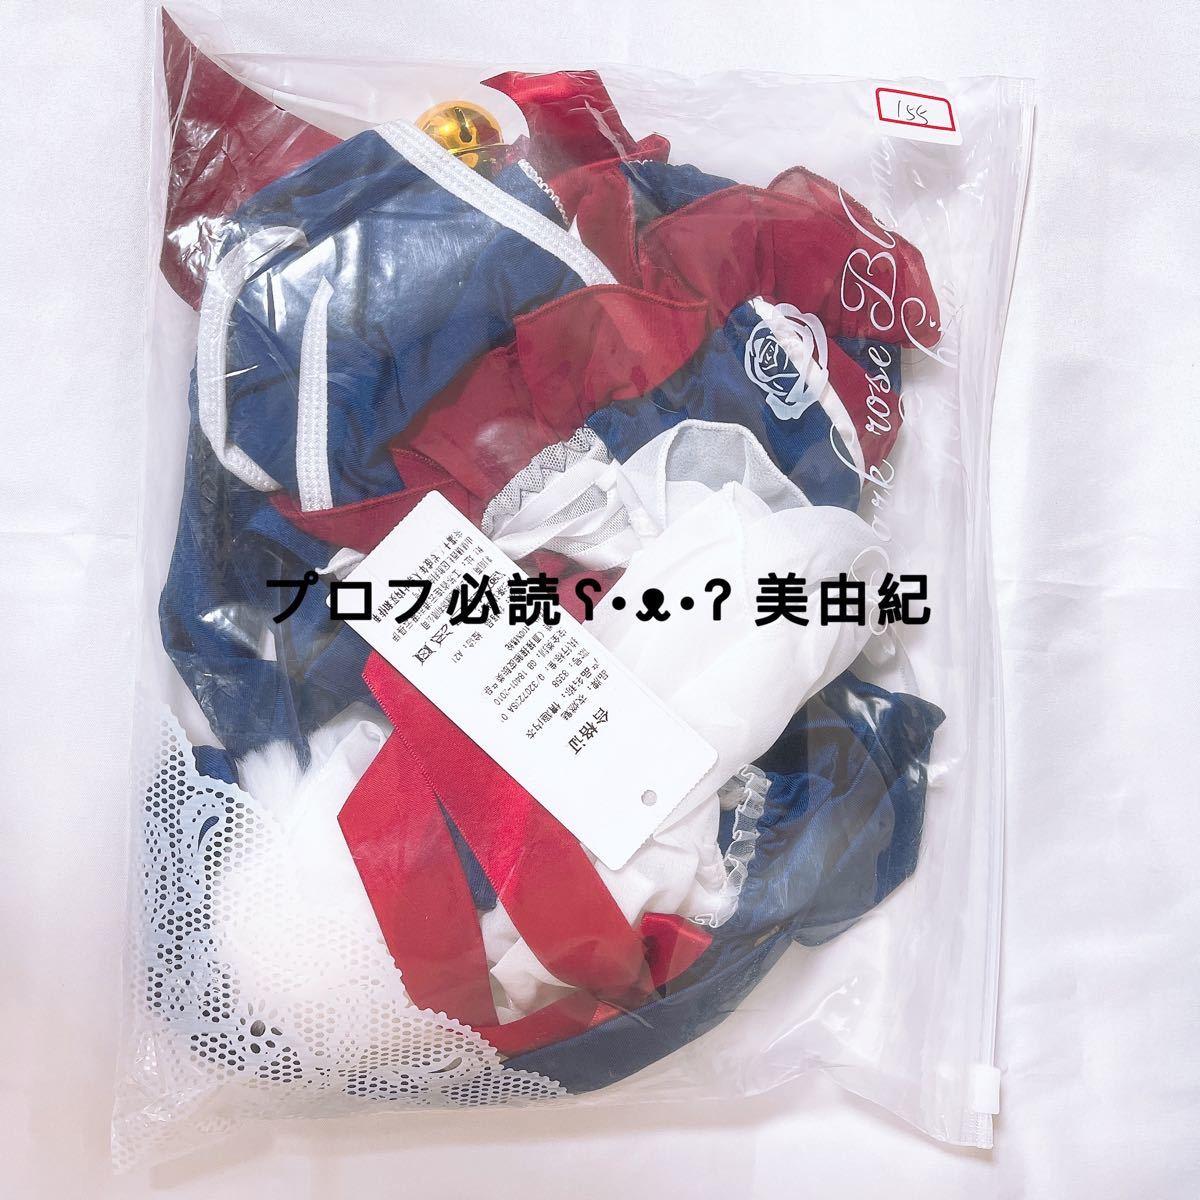 コスプレメイド服レディースセクシーランジェリーTバックパジャマベビードール155